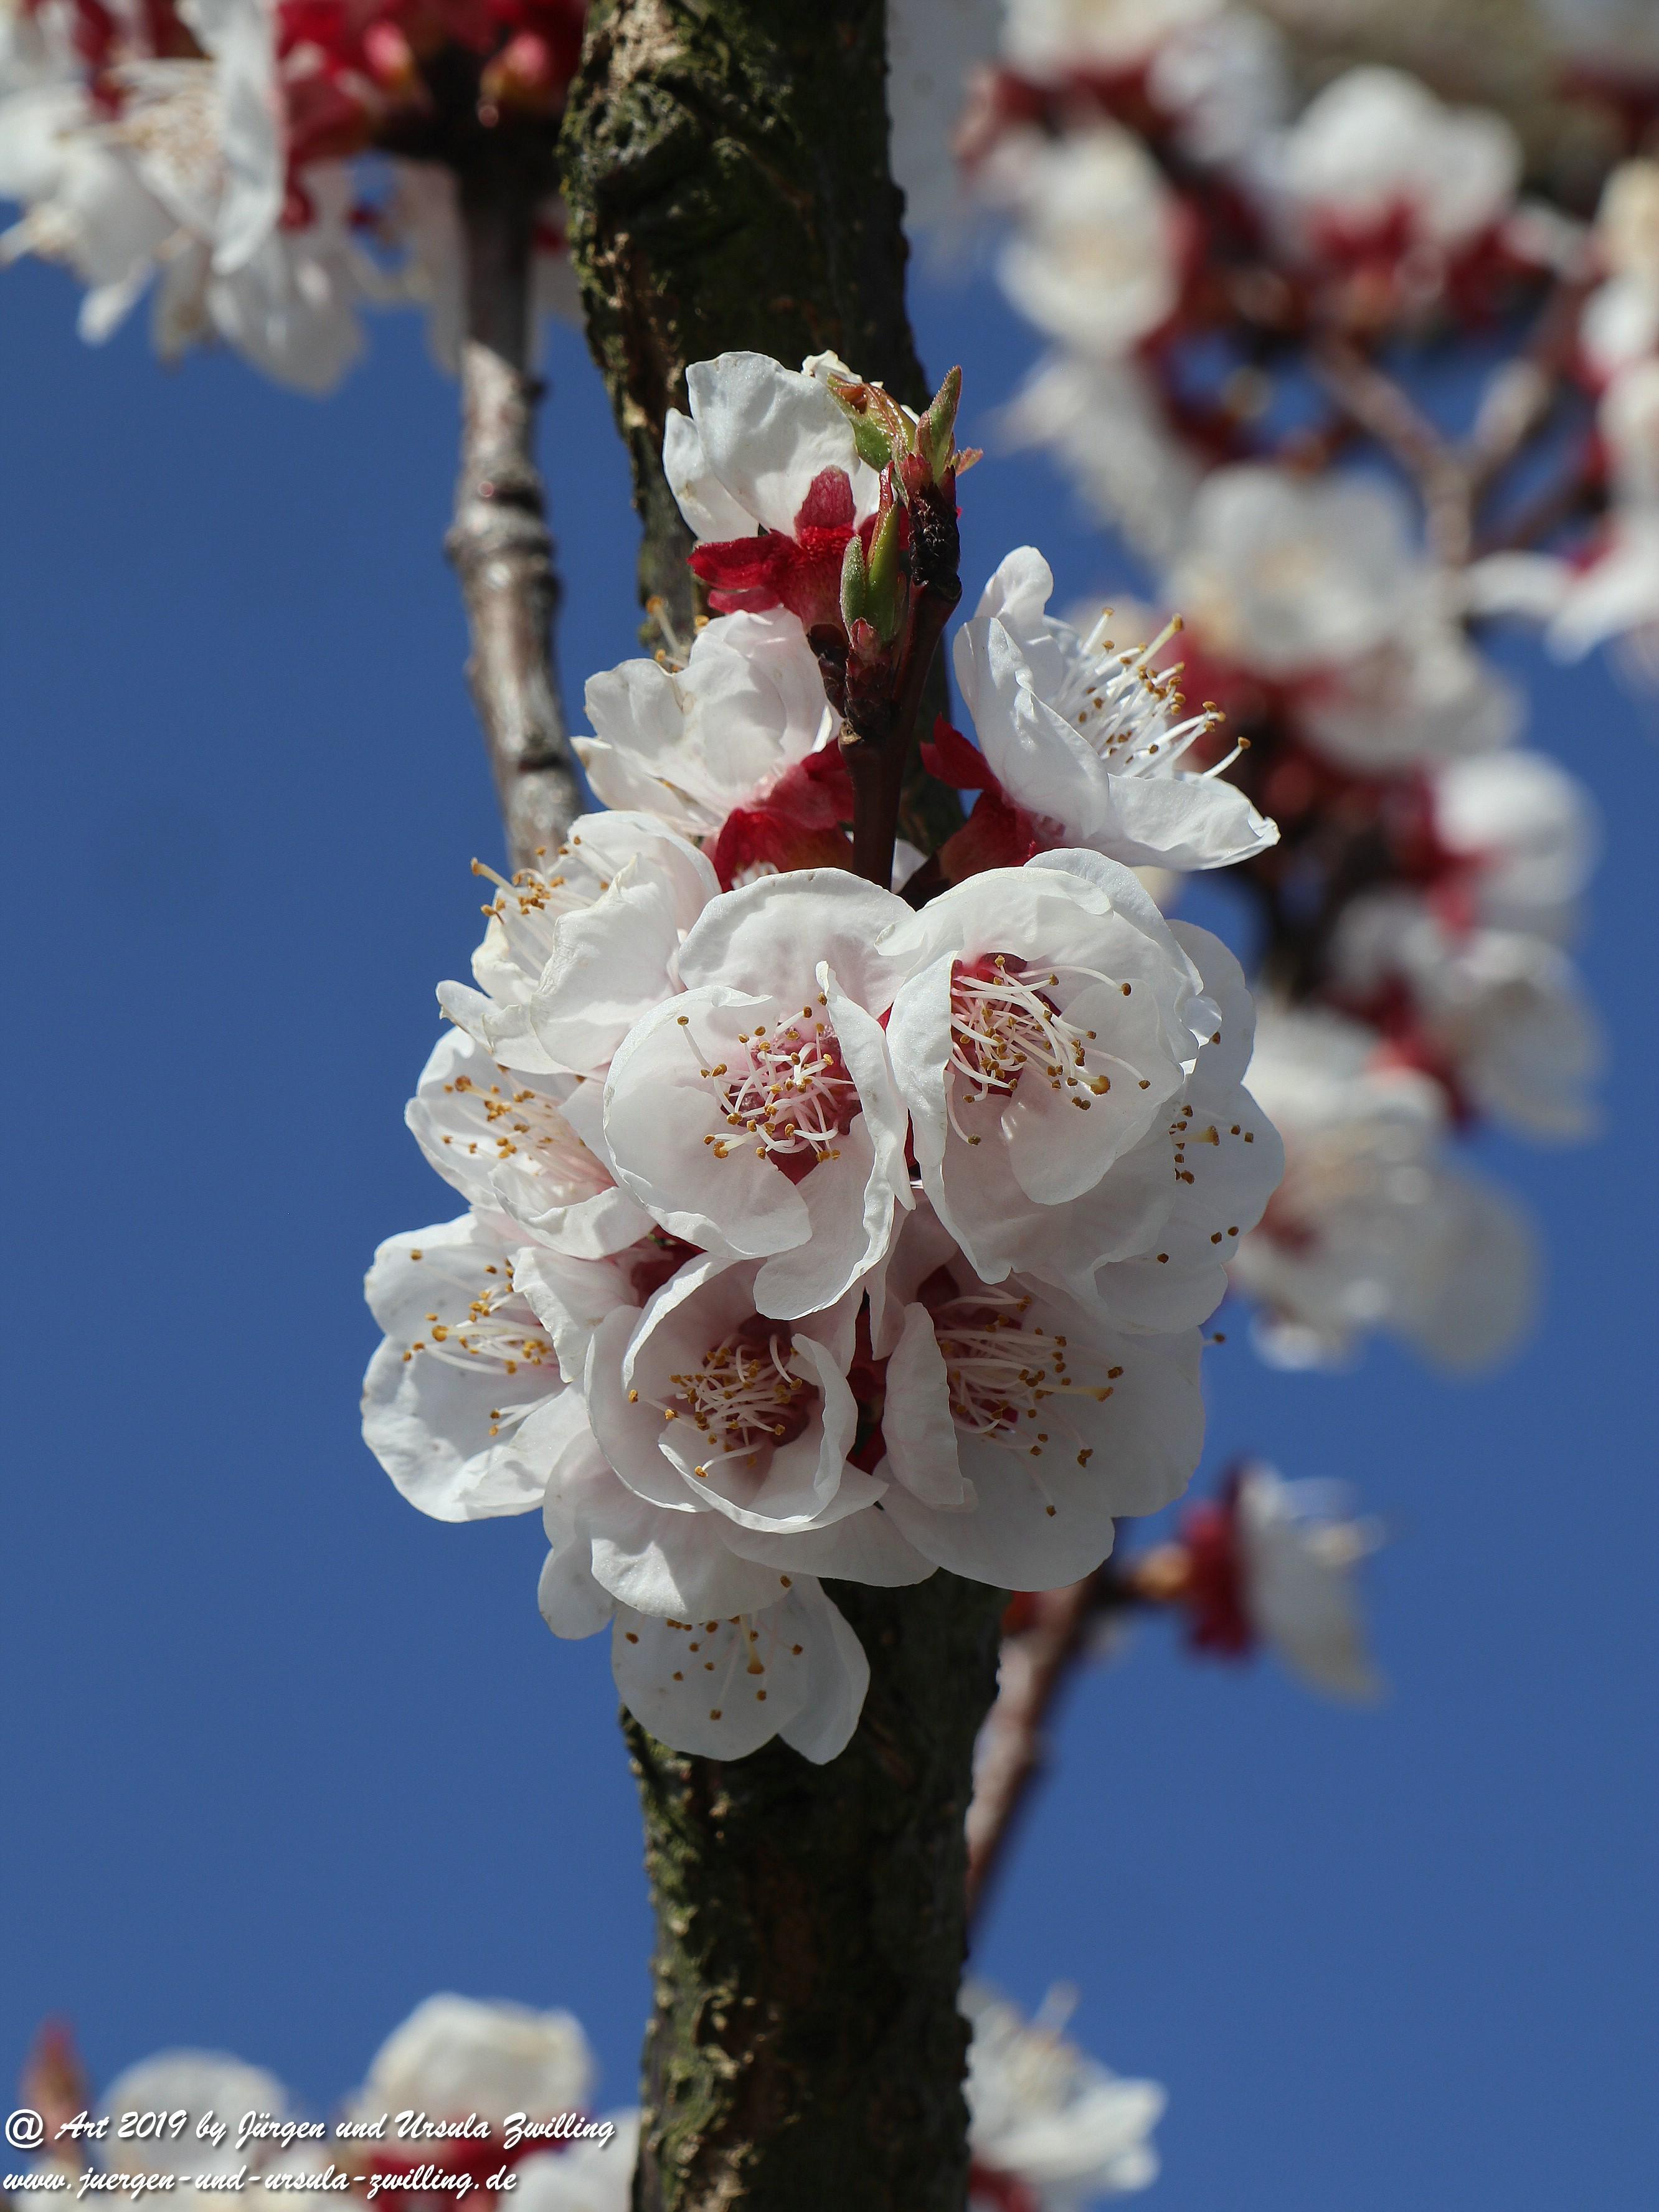 Aprikosenblüten 13